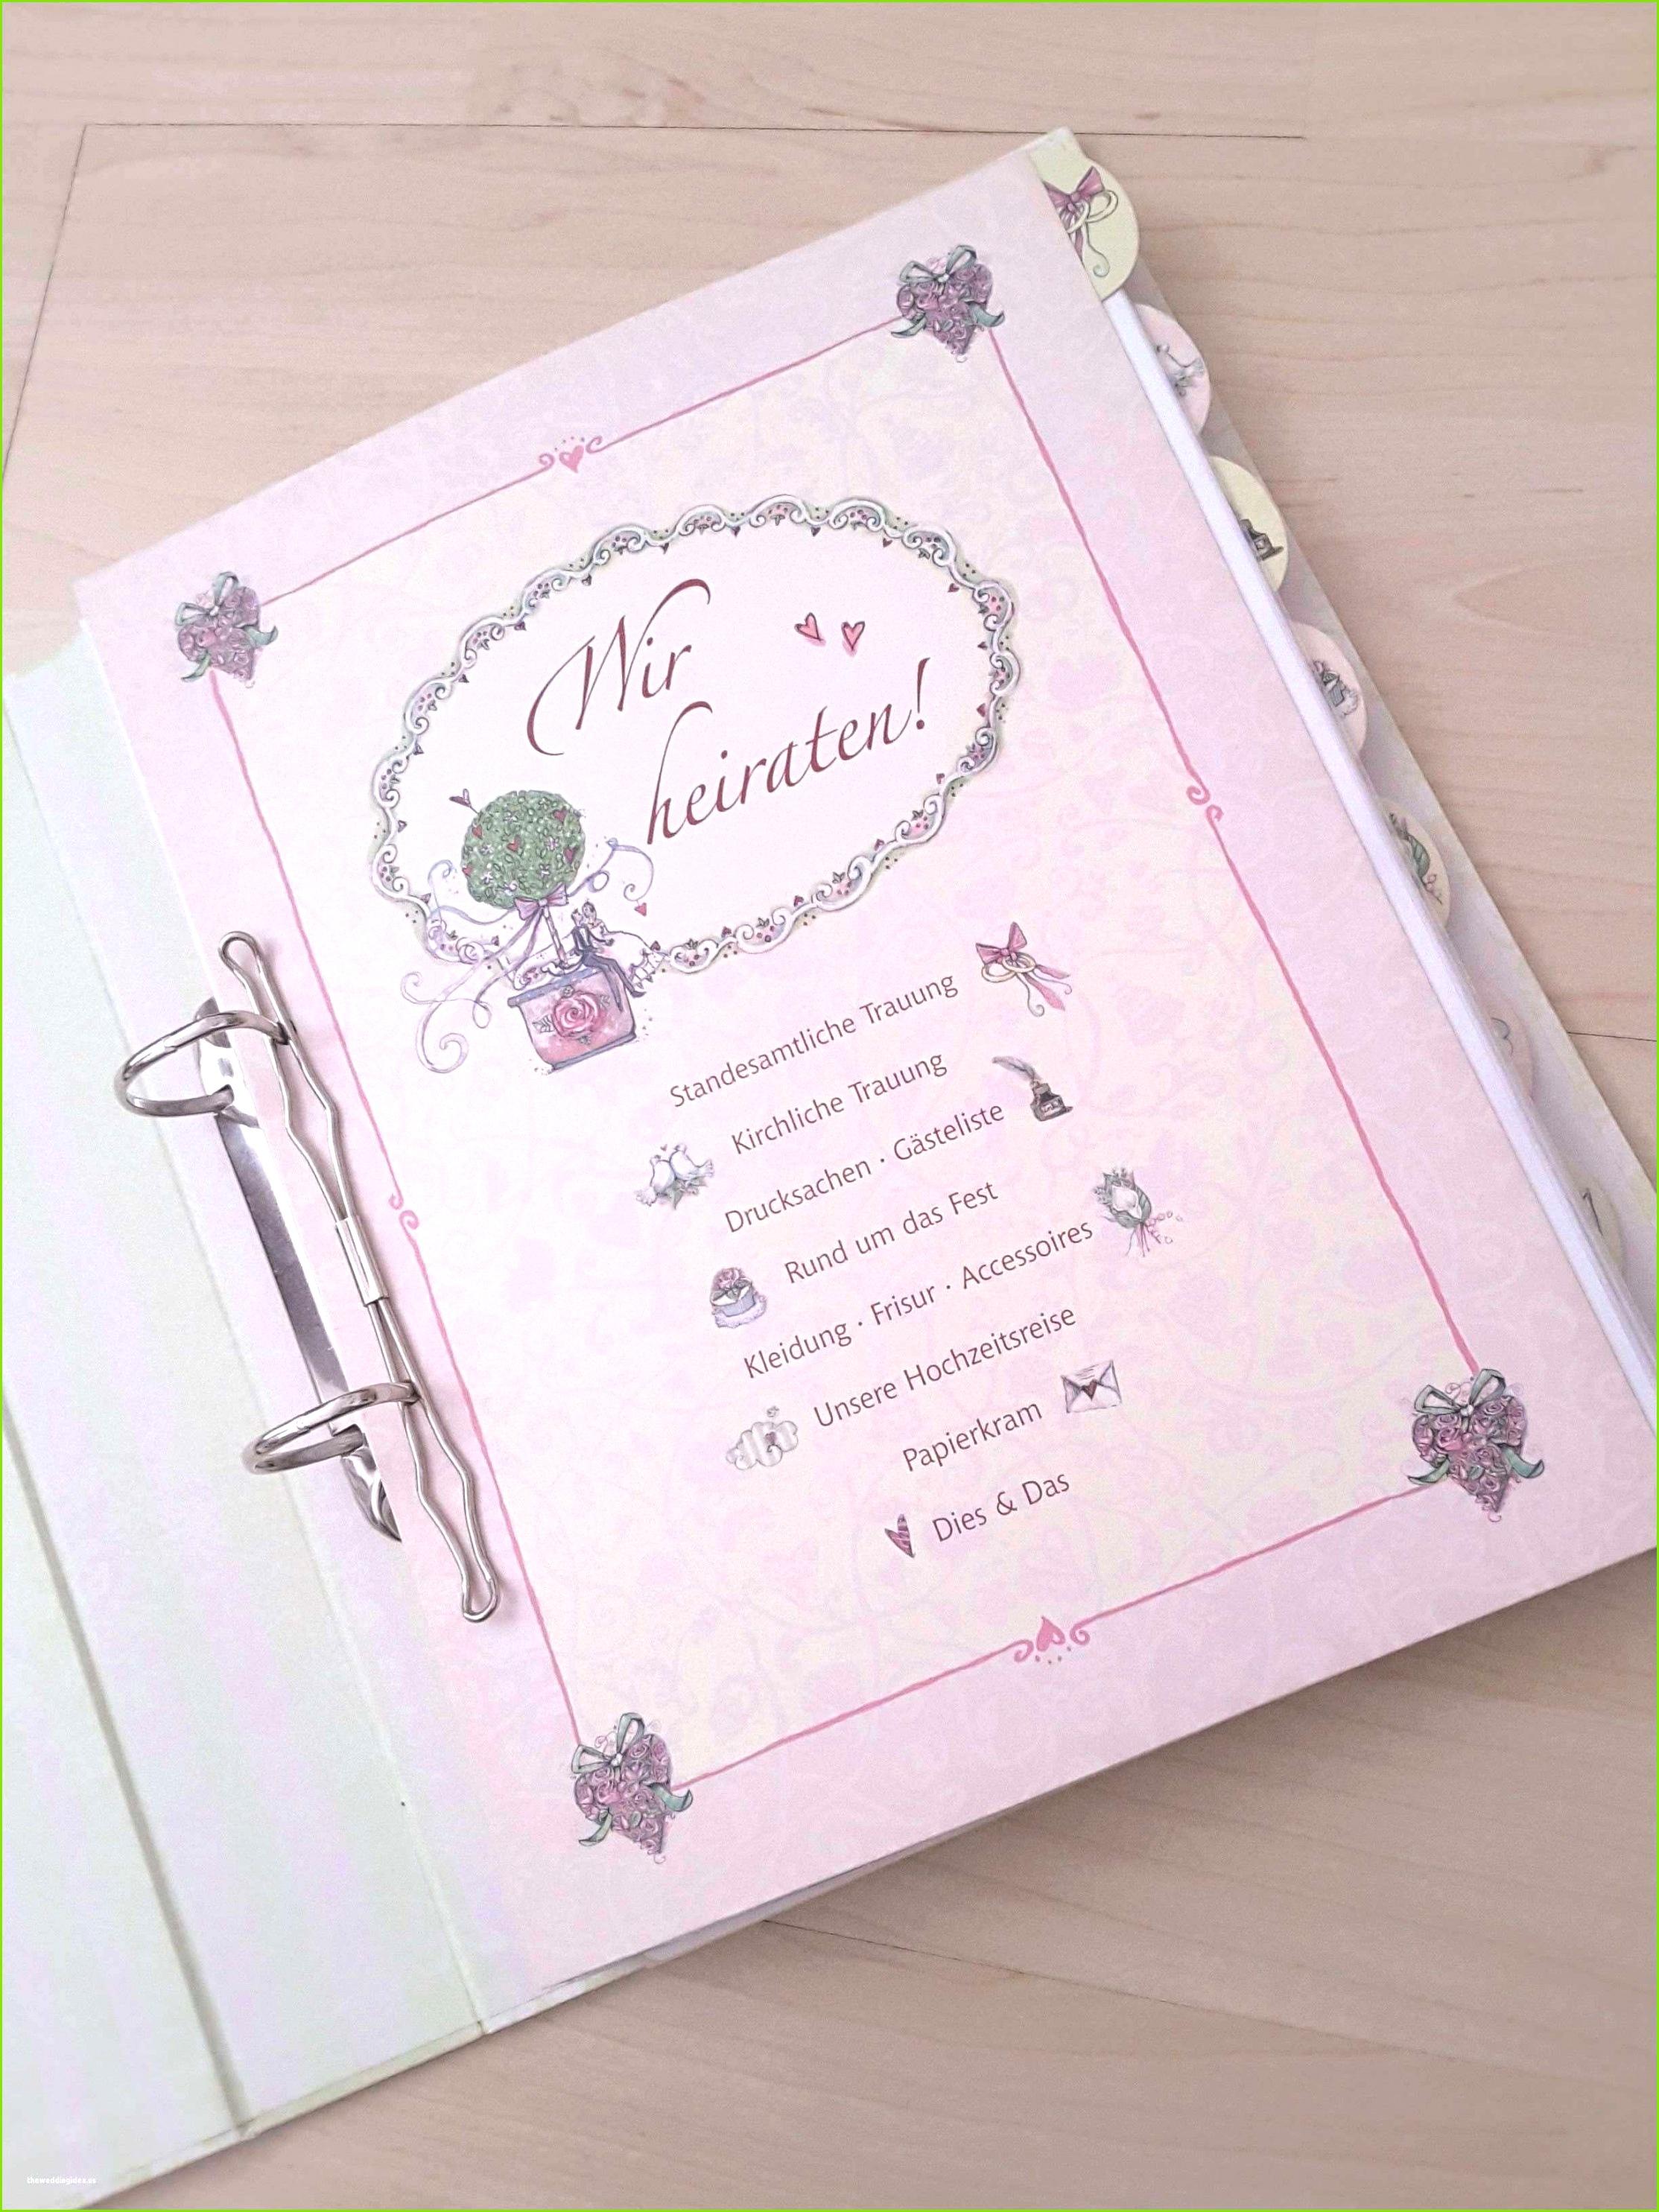 Cheap Wedding Invitations Sets Fresh Hochzeit Einladungskarten Set Kostenlose Probe Media Image 0d 59 82 Ideas